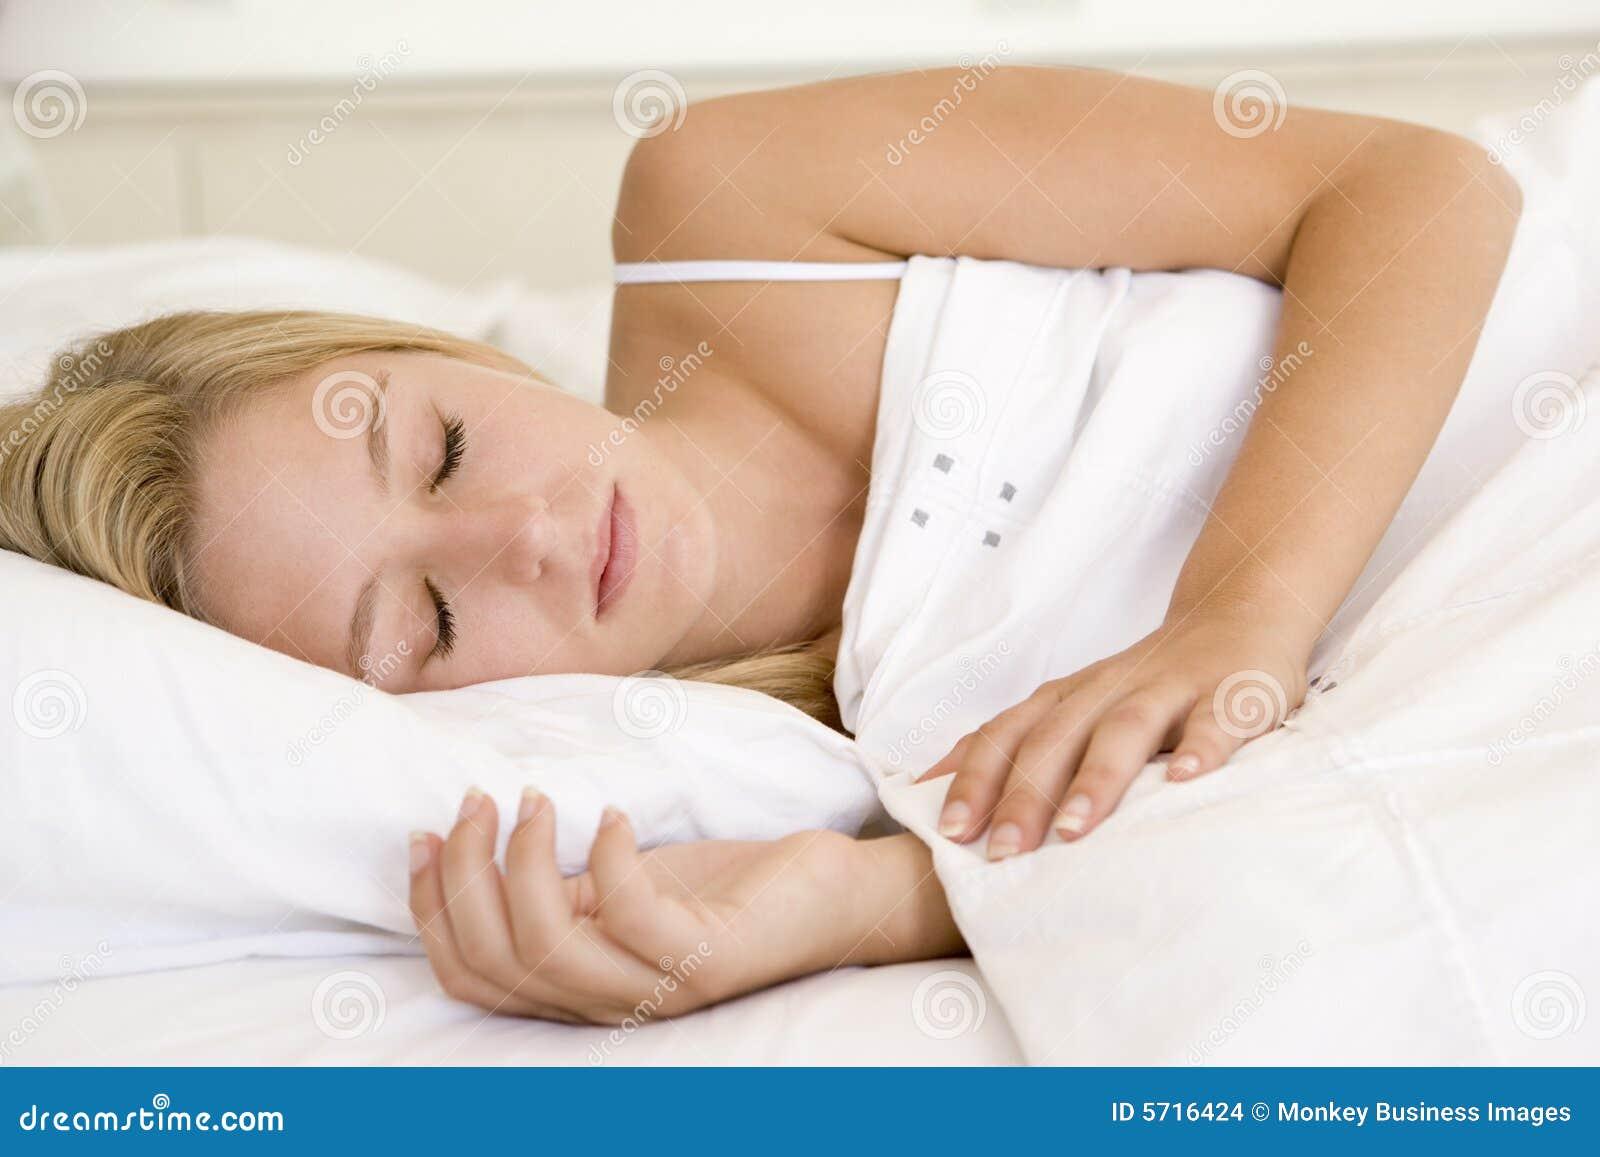 Симпатичную в постели 9 фотография